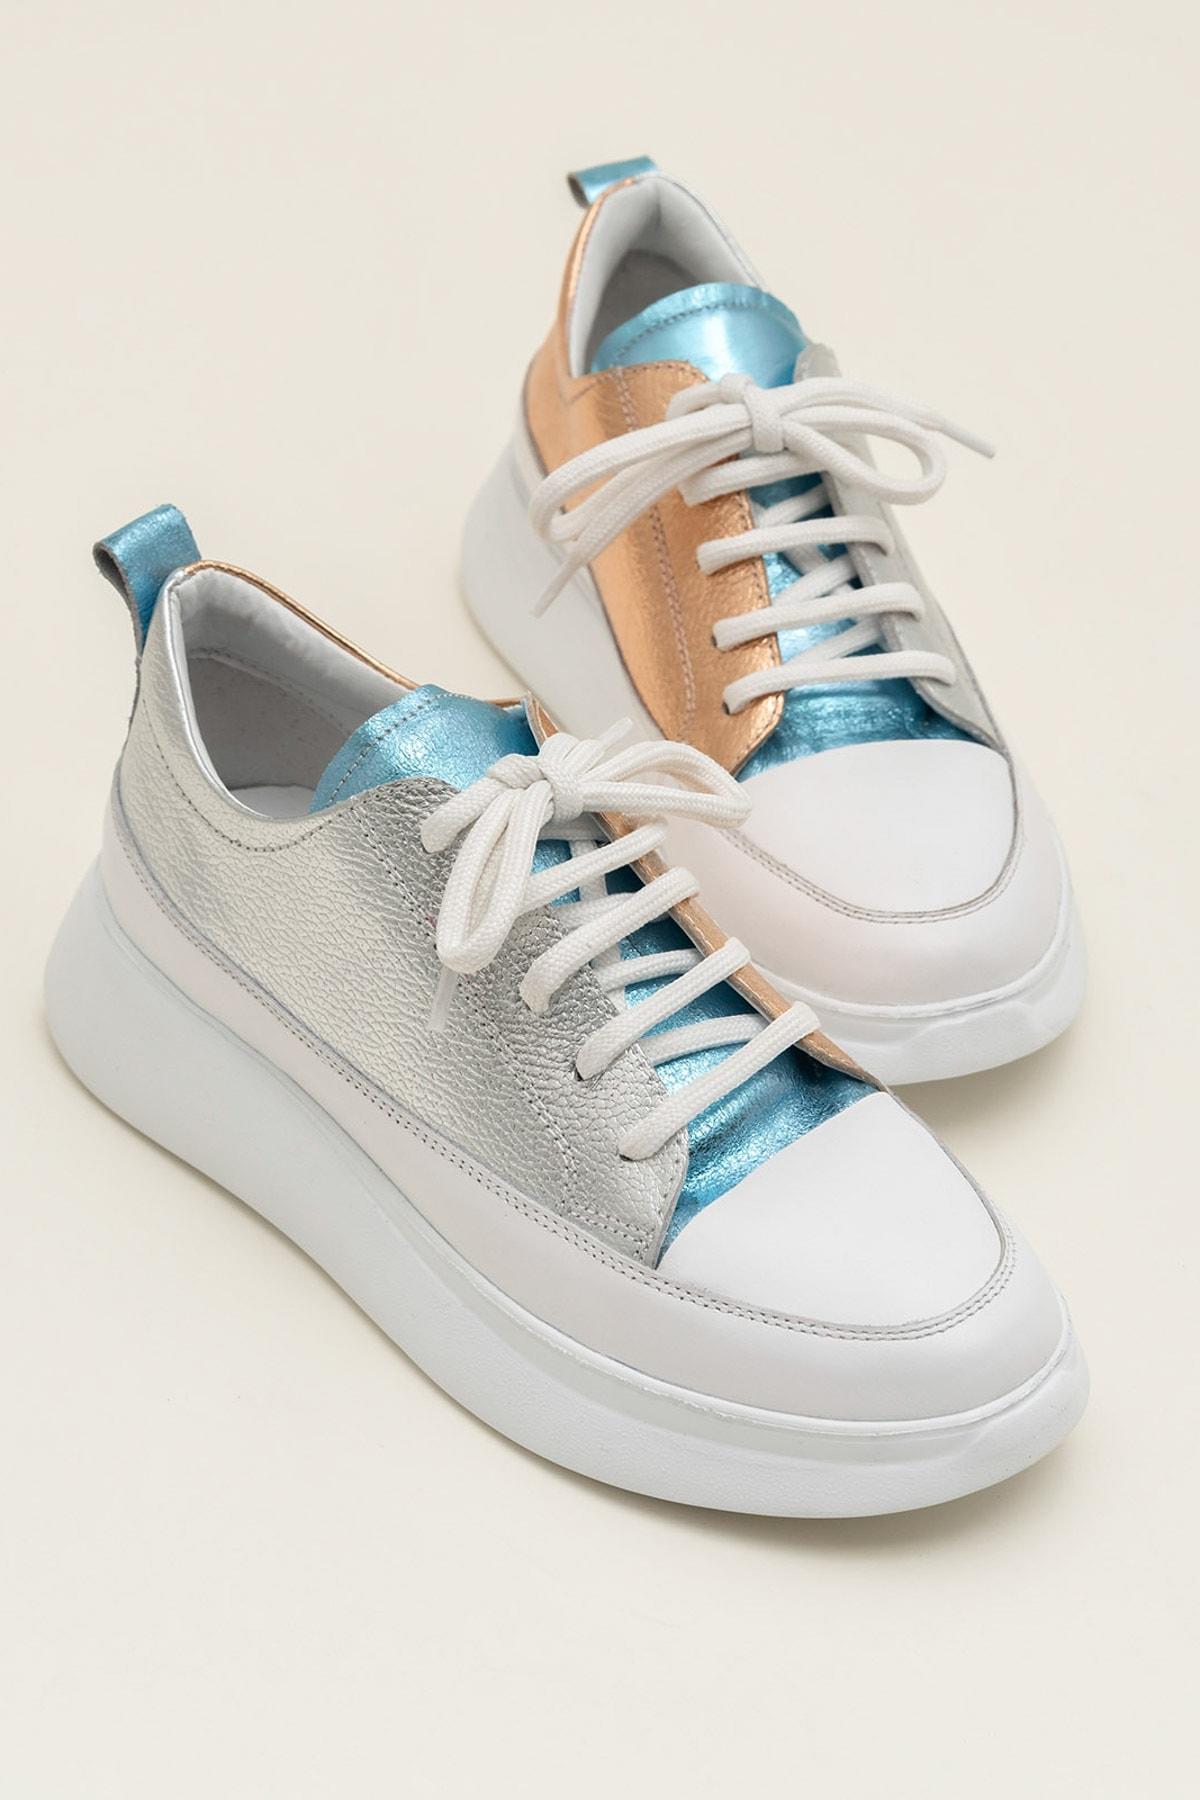 Elle Shoes FANCY Metalık Kombin Kadın  Sneaker 20YSE192404 1